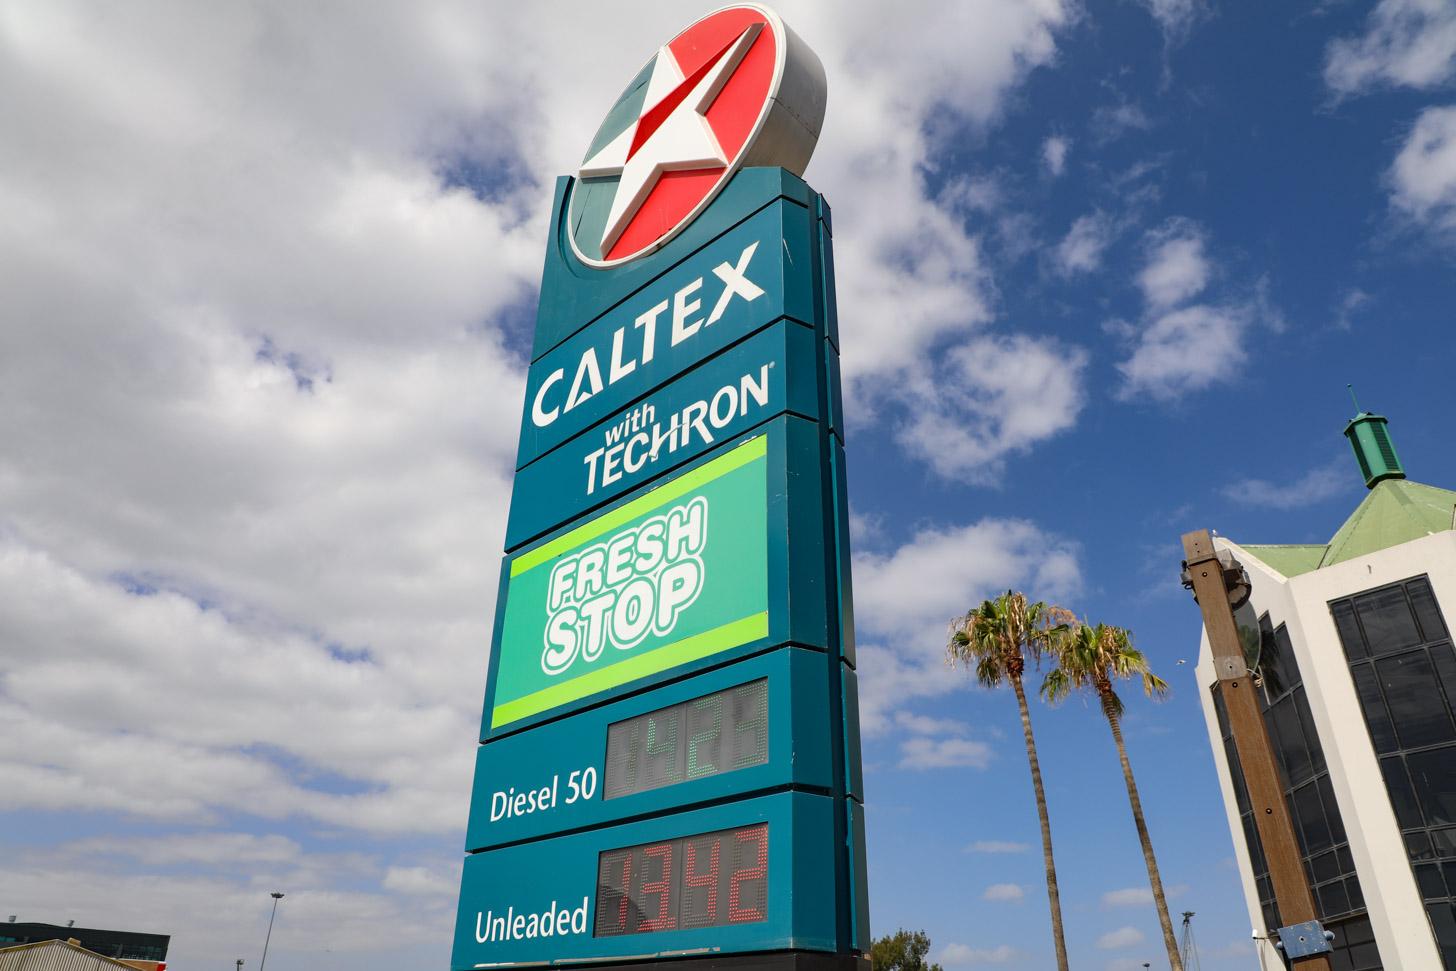 Benzine is goedkoop in Kaapstad